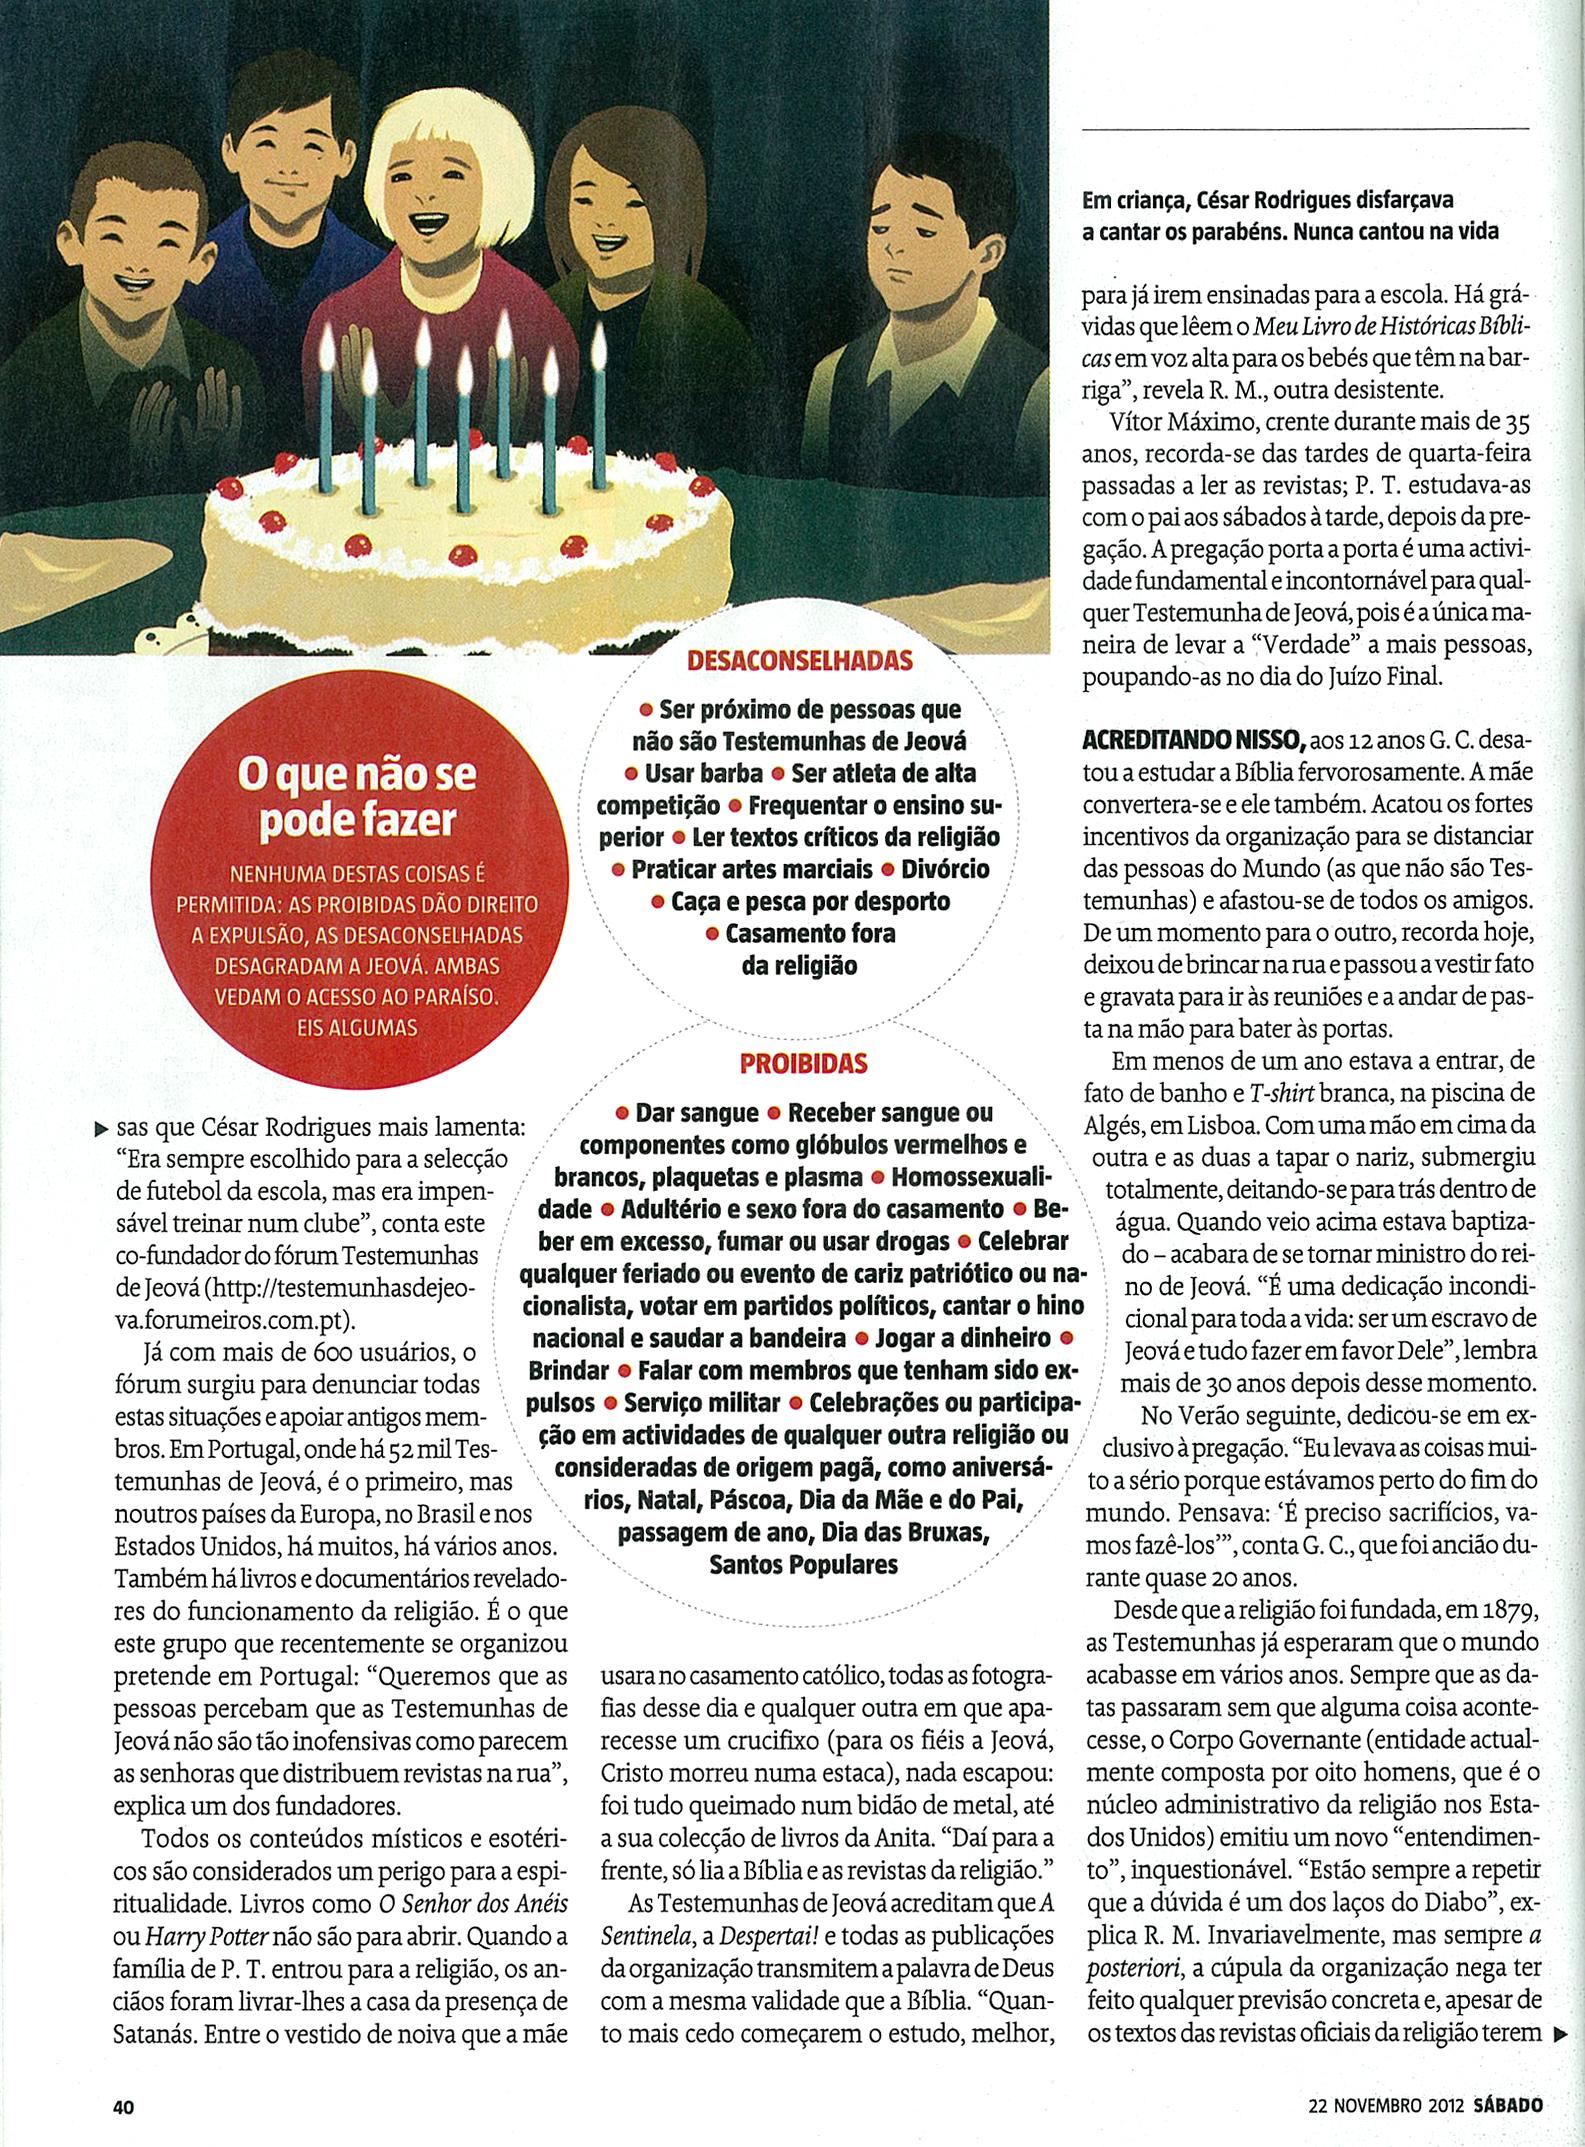 LINK ATUALIZADO - Revista Sábado digitalizada - artigo sobre as Testemunhas de Jeová Pag4m